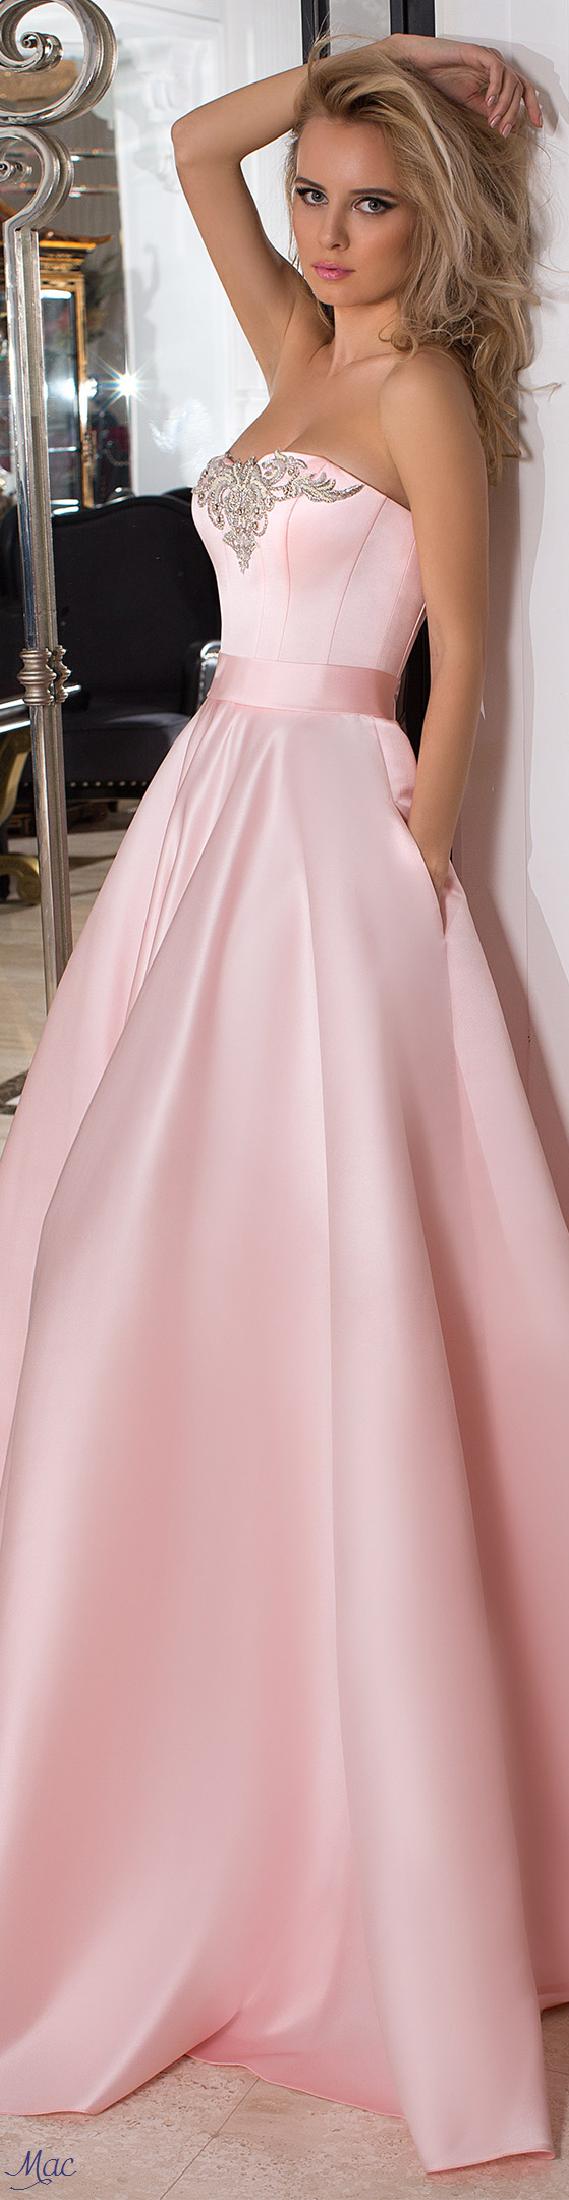 Fall 2016 Ready-to-Wear OKSANA MUKHA | MISS MILLIONAIRESS & CO ...